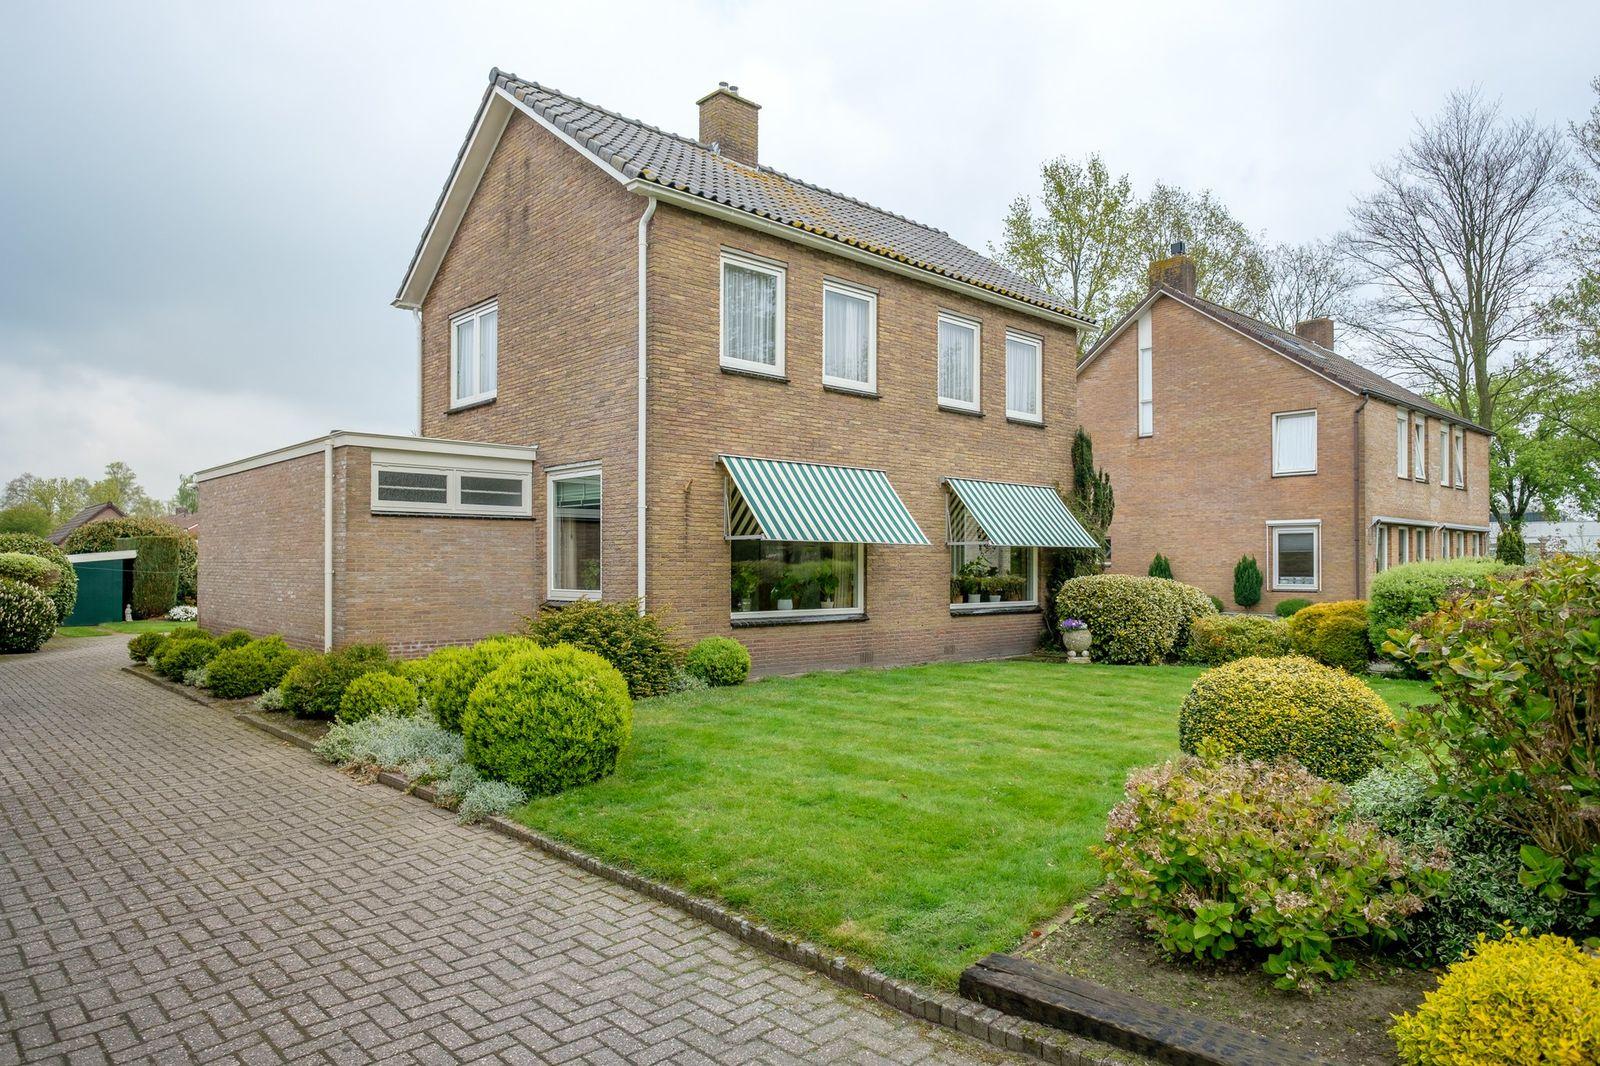 Dorpsstraat 73, De Wijk